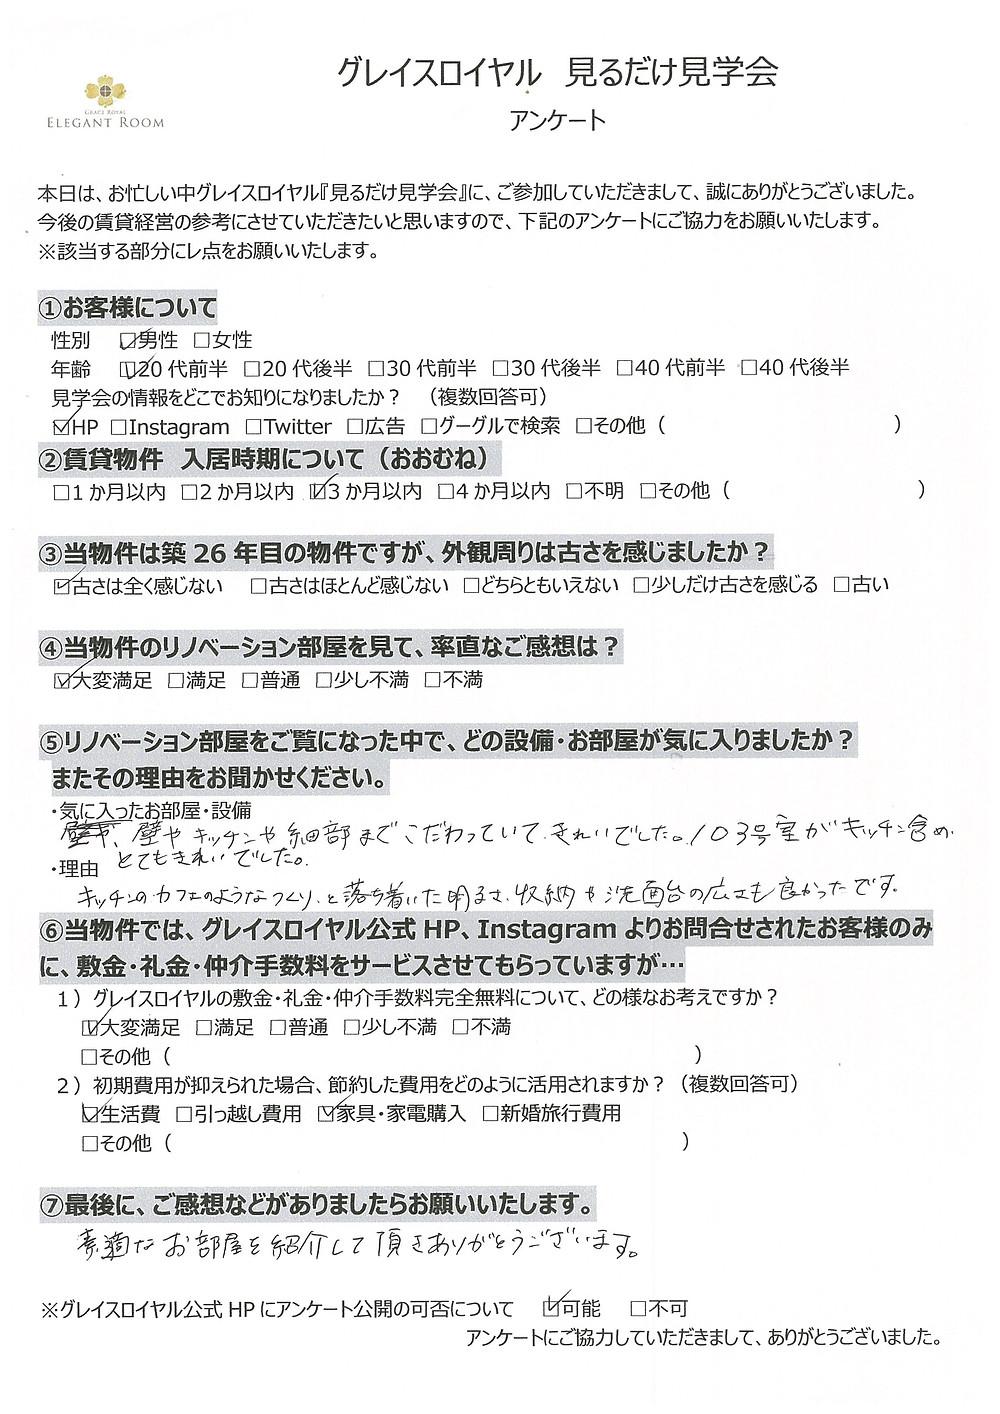 6月18日見学会アンケート